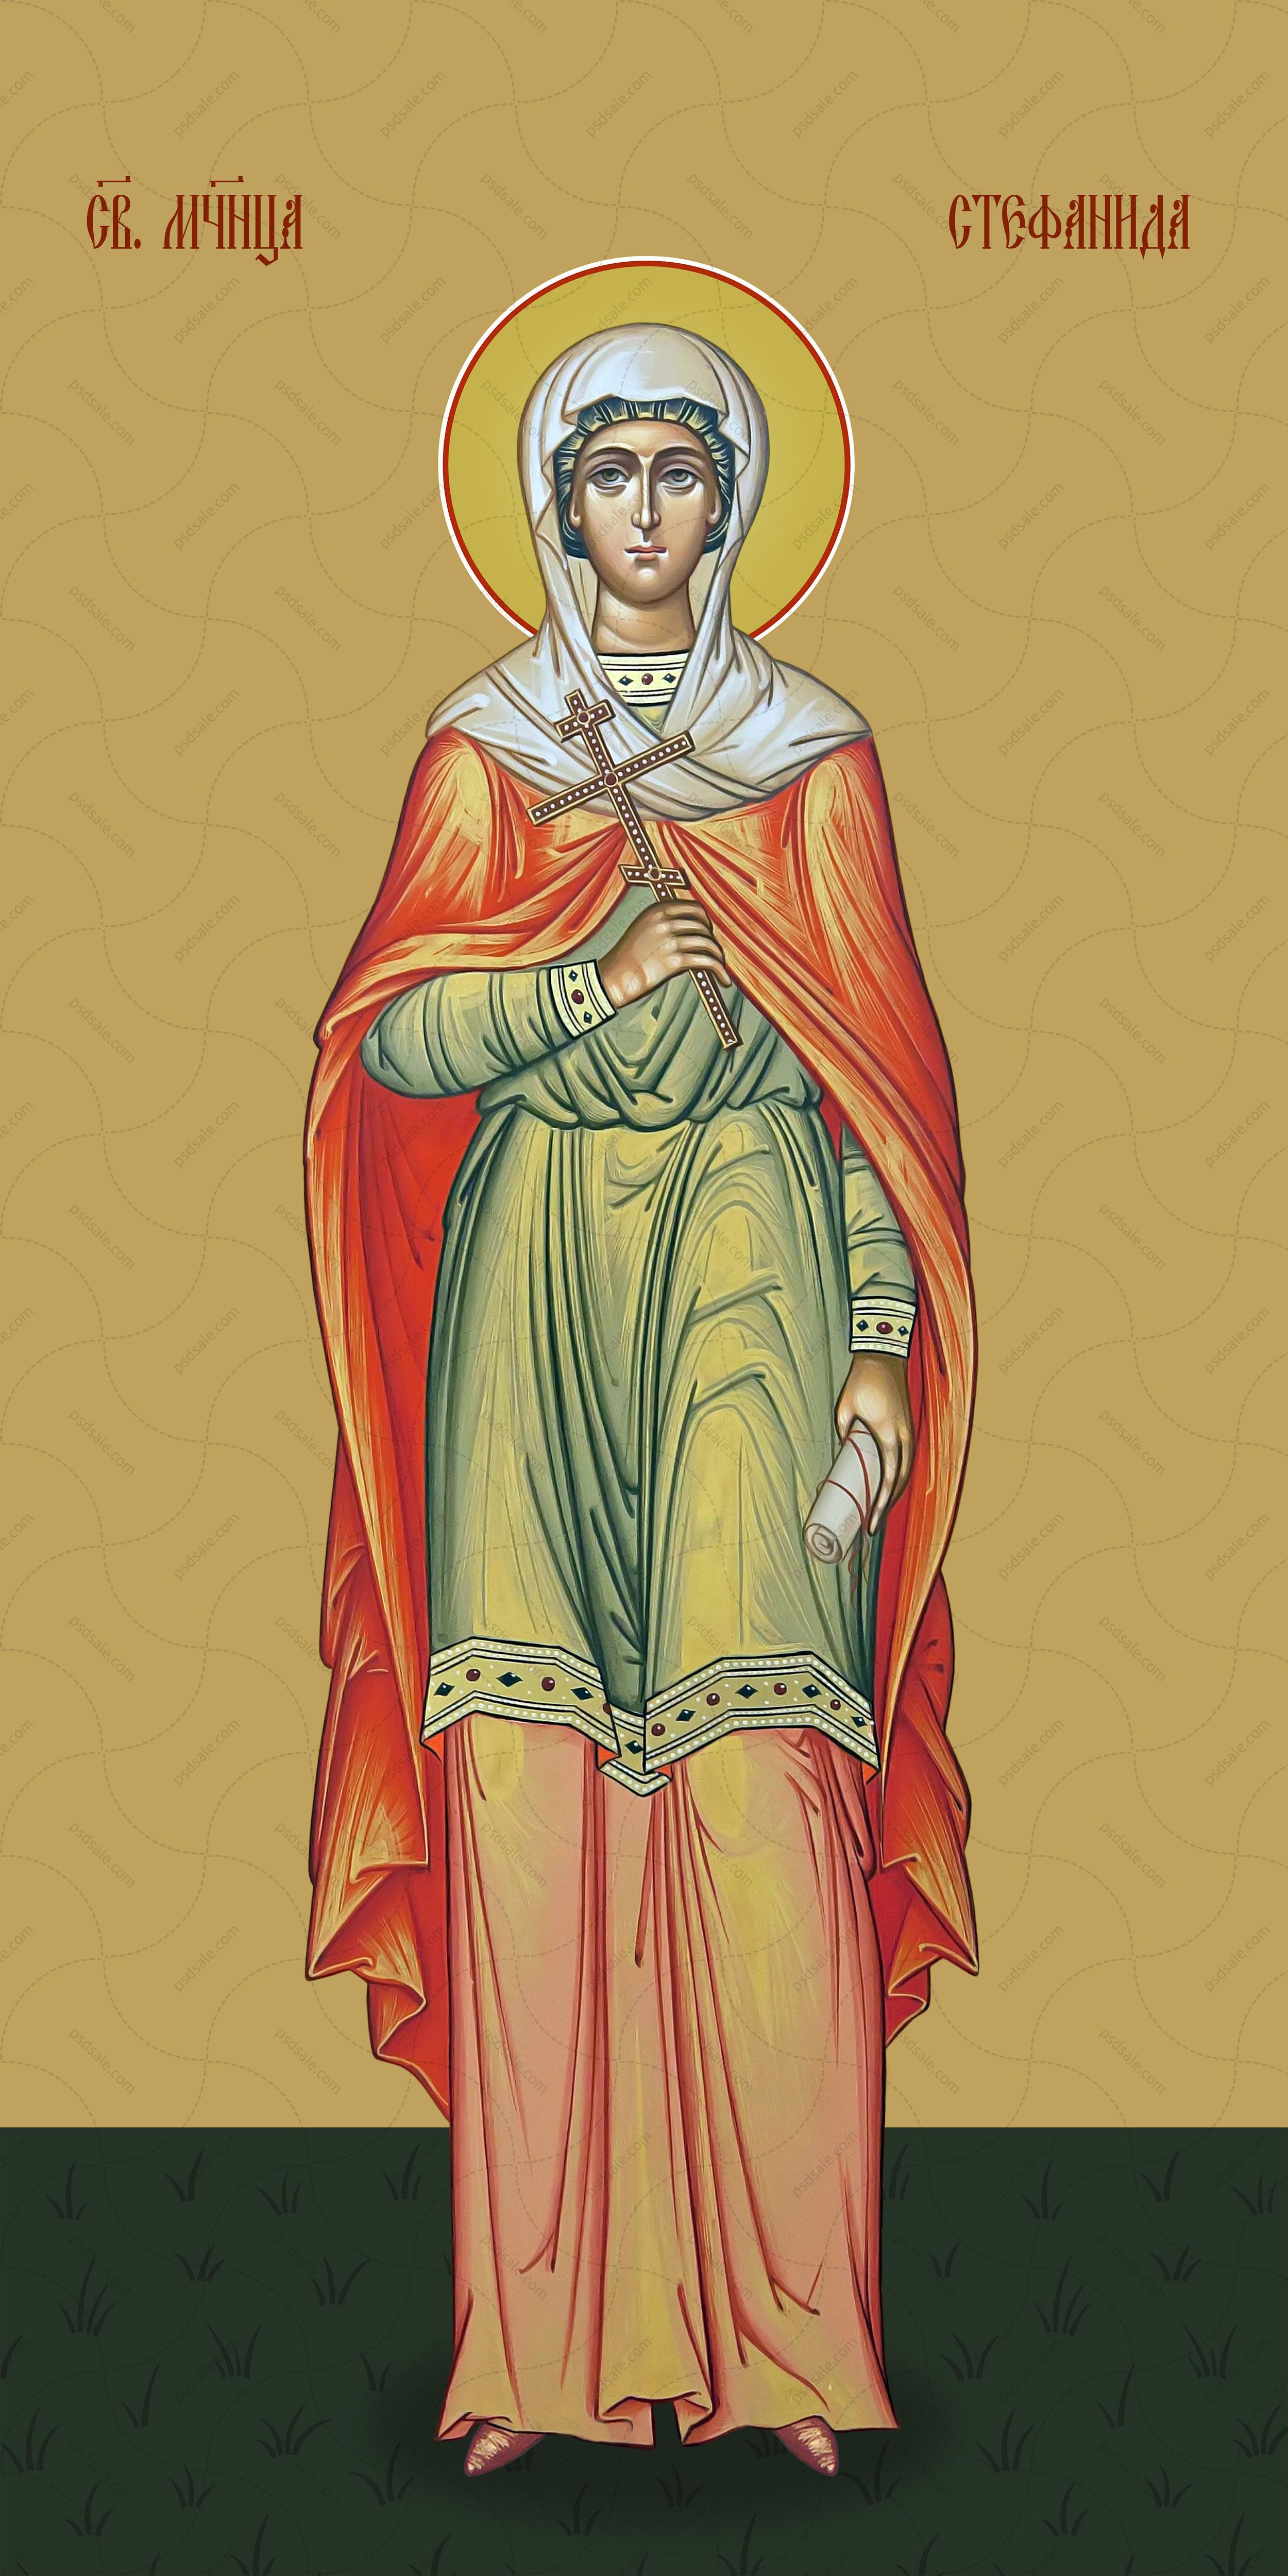 Мерная икона, Стефанида Дамасская, мученица